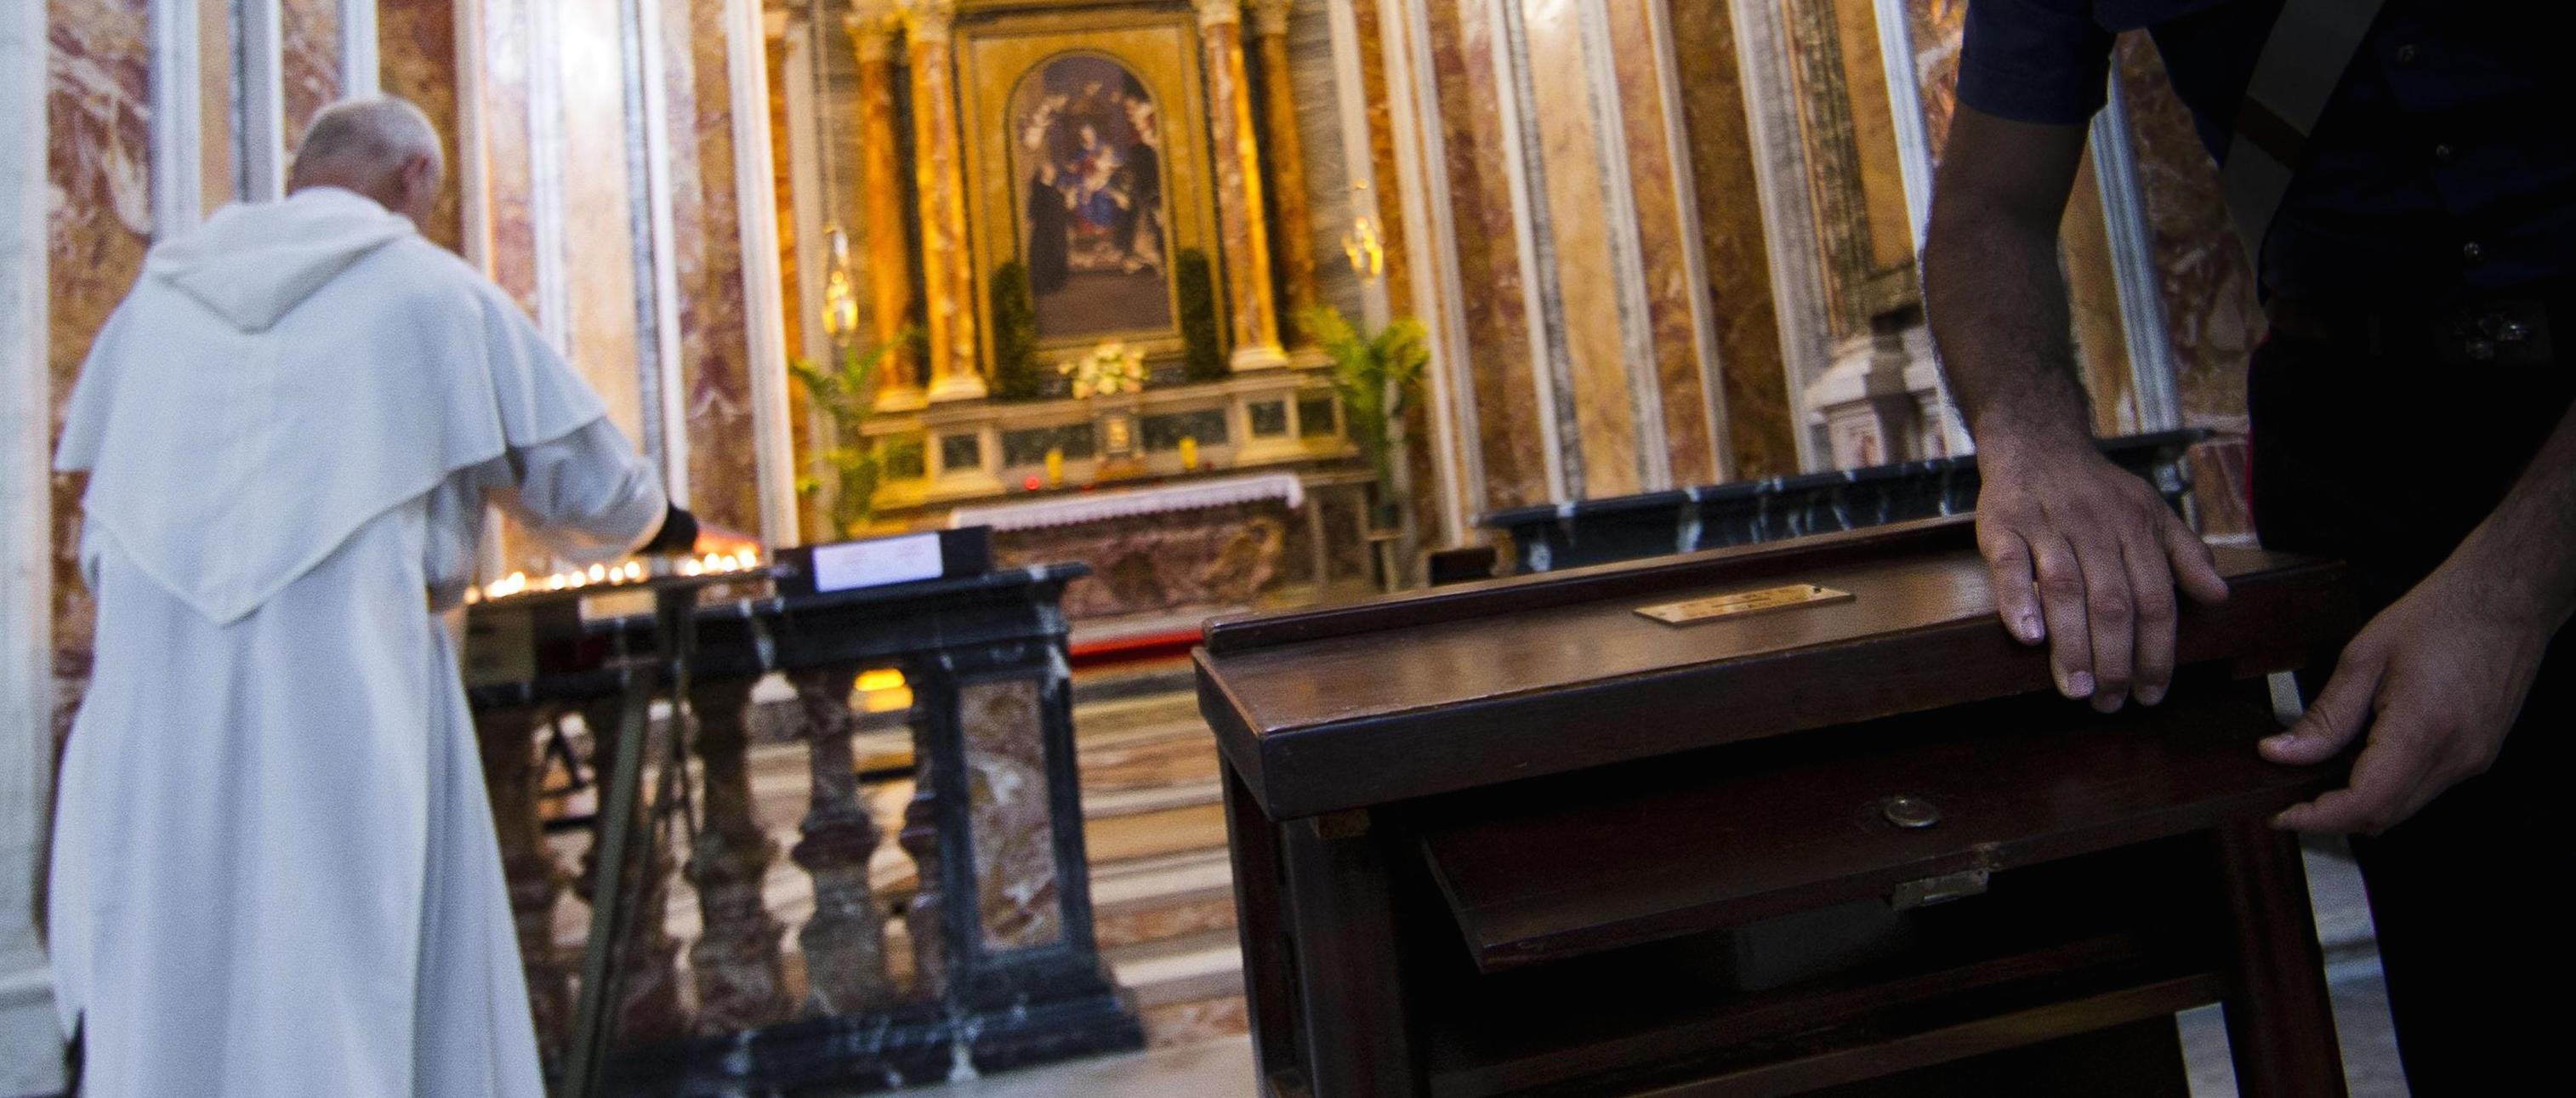 Chiesa Archivi - Pagina 2 di 4 - Secolo d Italia 5ba782df5bda